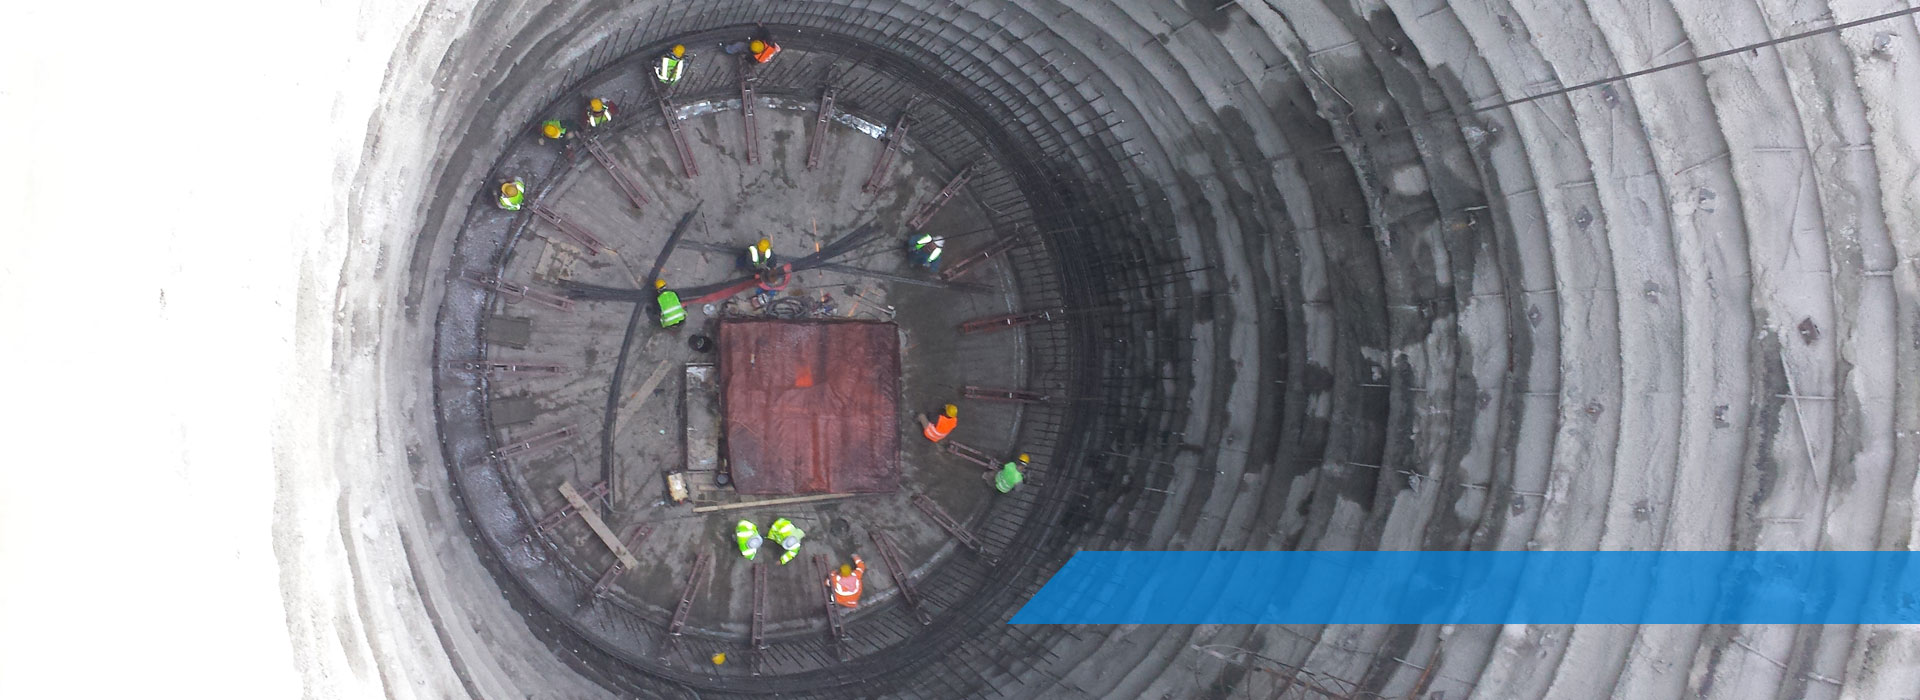 Fang (Ura e Fanit) ve Pesgeshit Hidroelektrik Projesi